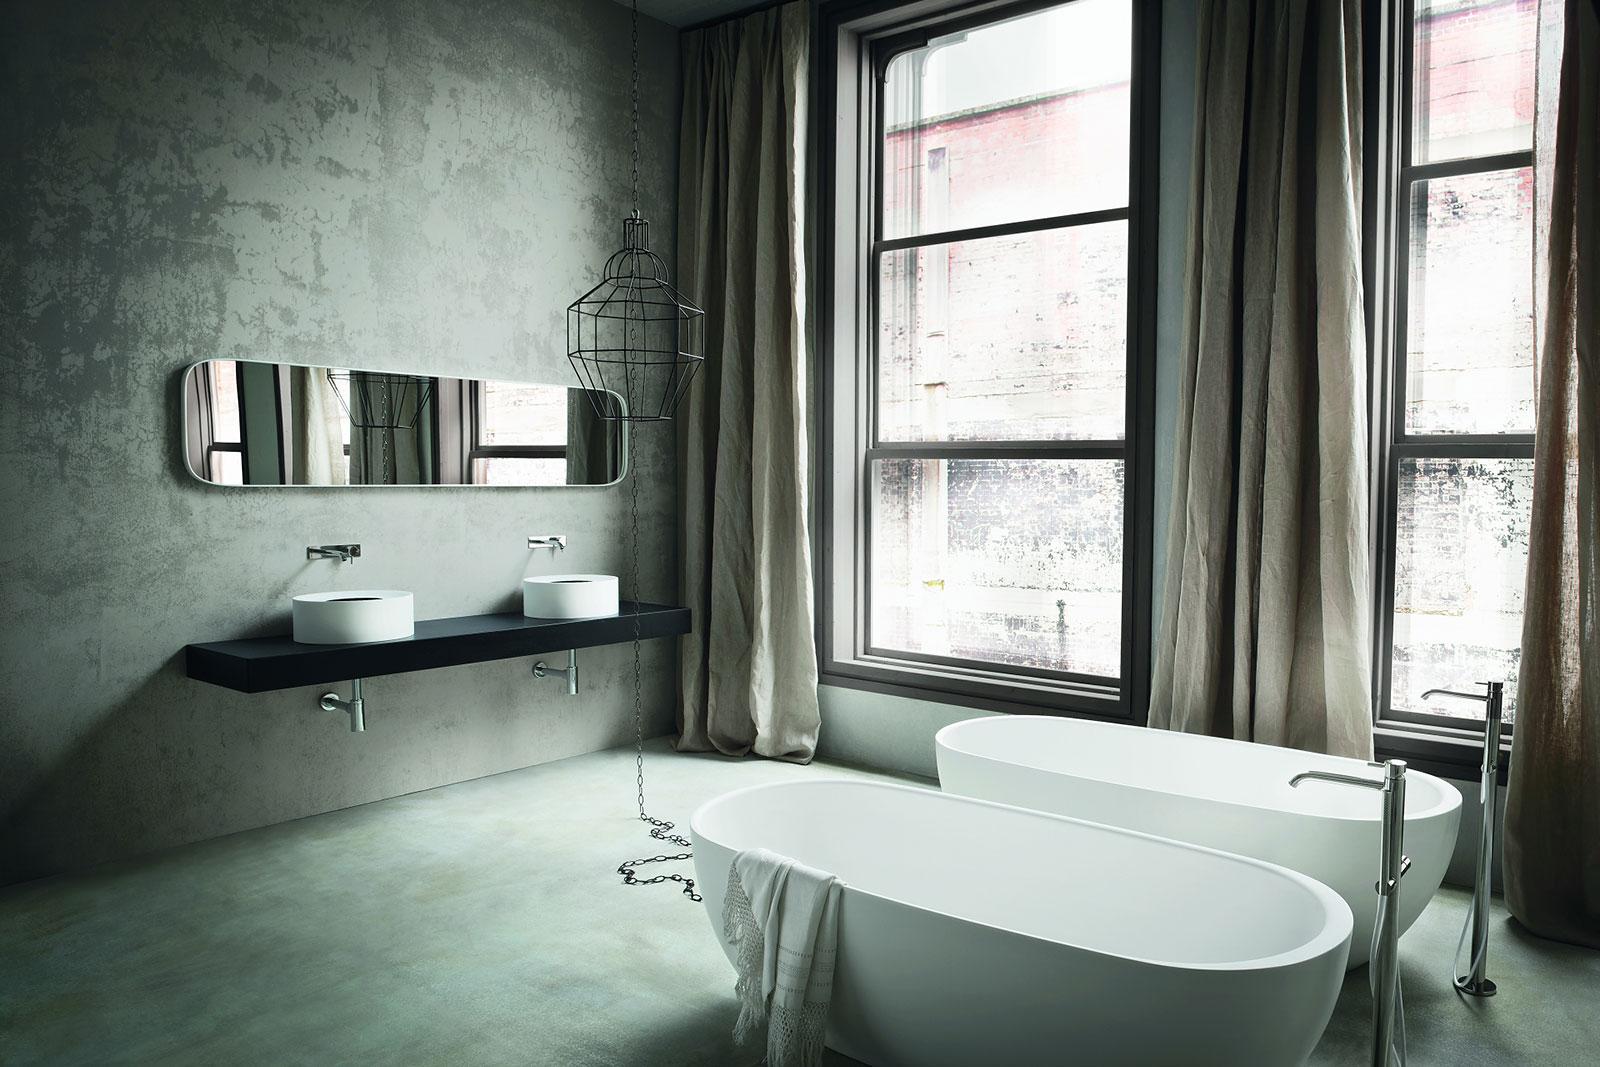 Rexa Design Bademöbel, Badewannen uns Spiegelschränke. Italienisches Design nach Mass auch in der Schweiz Zürich und Graubünden present. Design zum verlieben. Im Hintergrund dunkle Ziegelsteine. Waschbecken und Badewanne in Coracrill